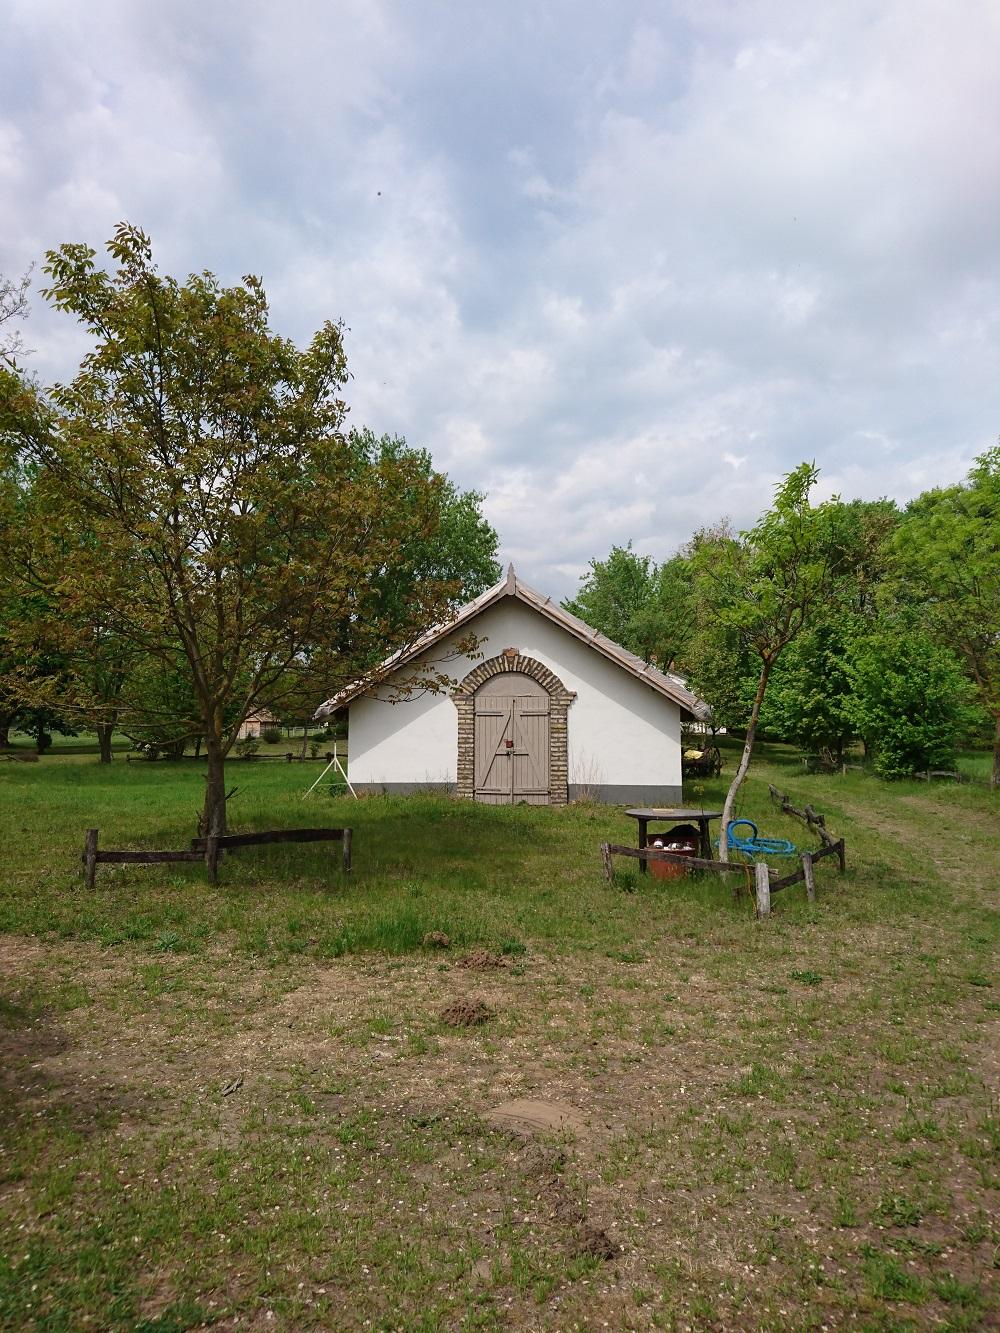 Eladó Lajosmizsén üdülőfarm